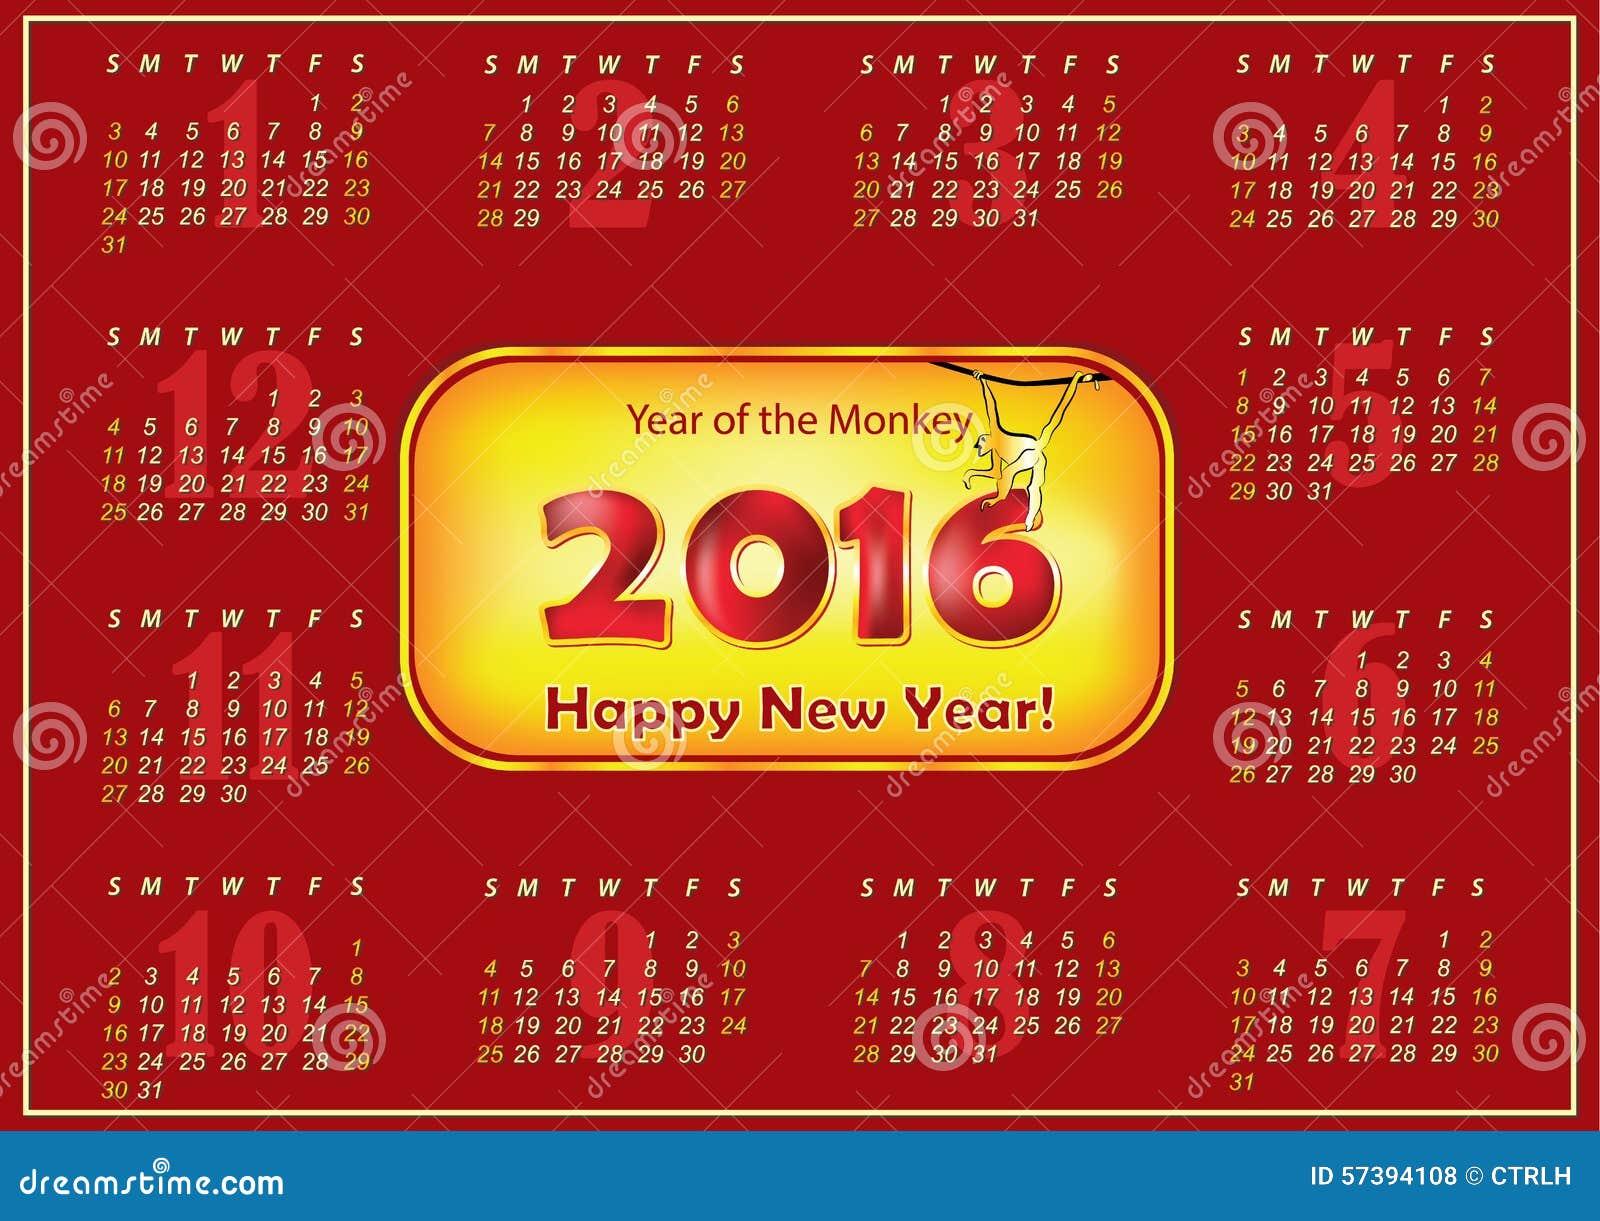 Bedruckbarer Kalender 2016